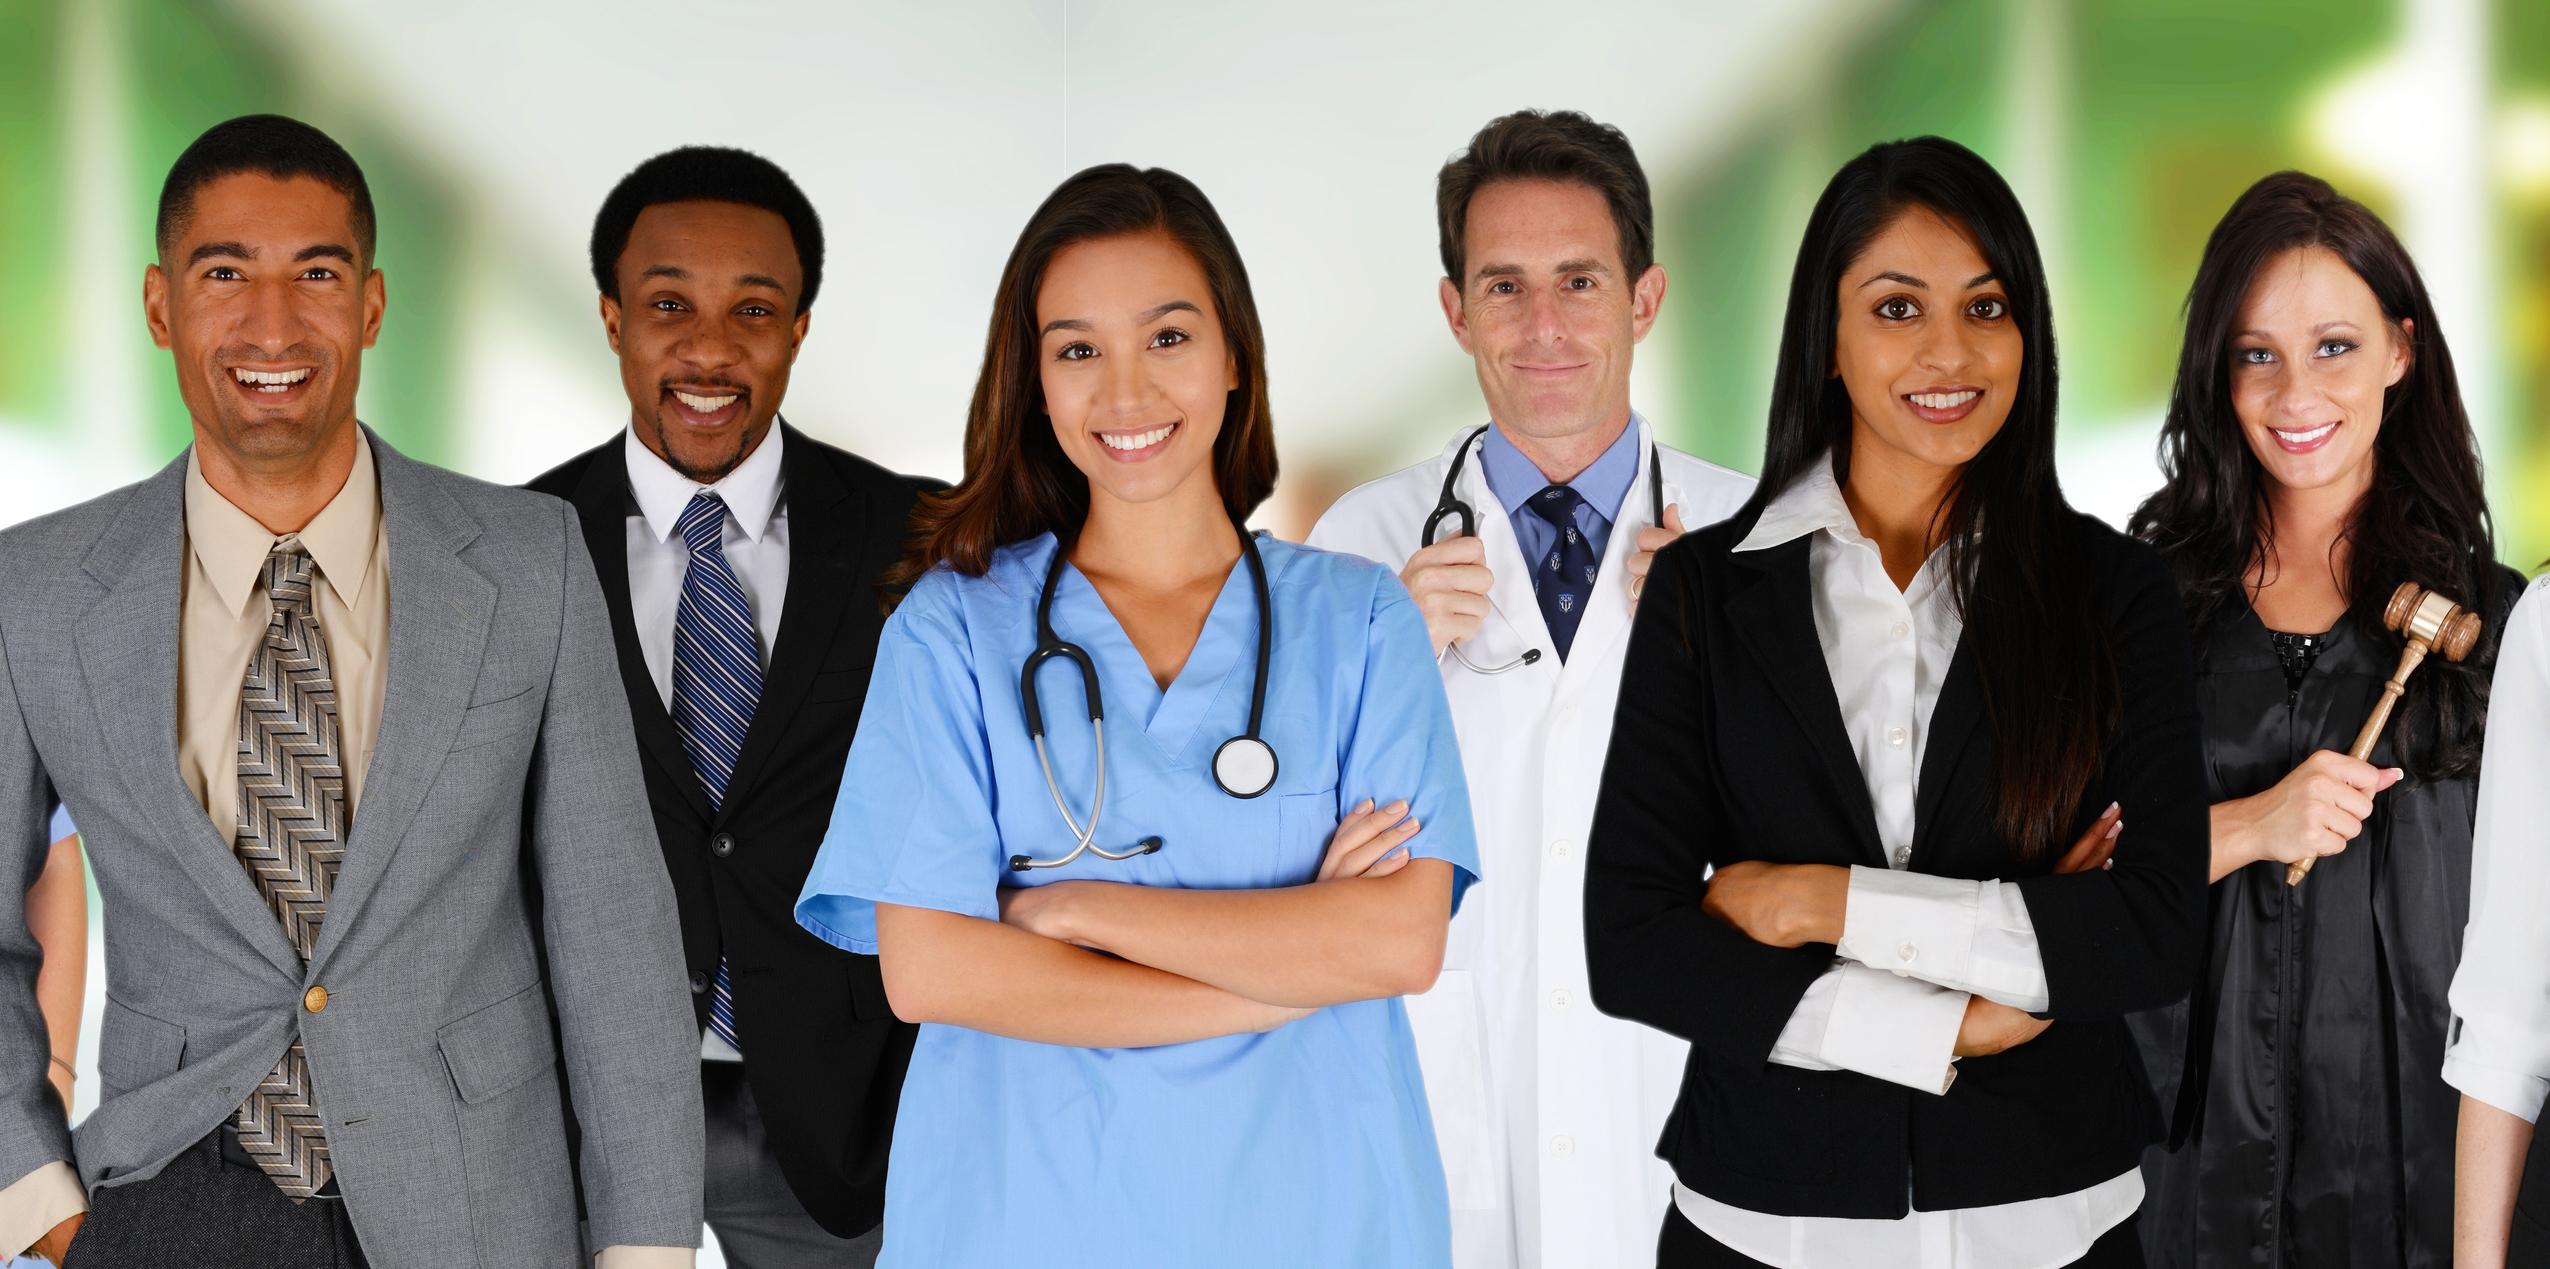 healthcareworkers